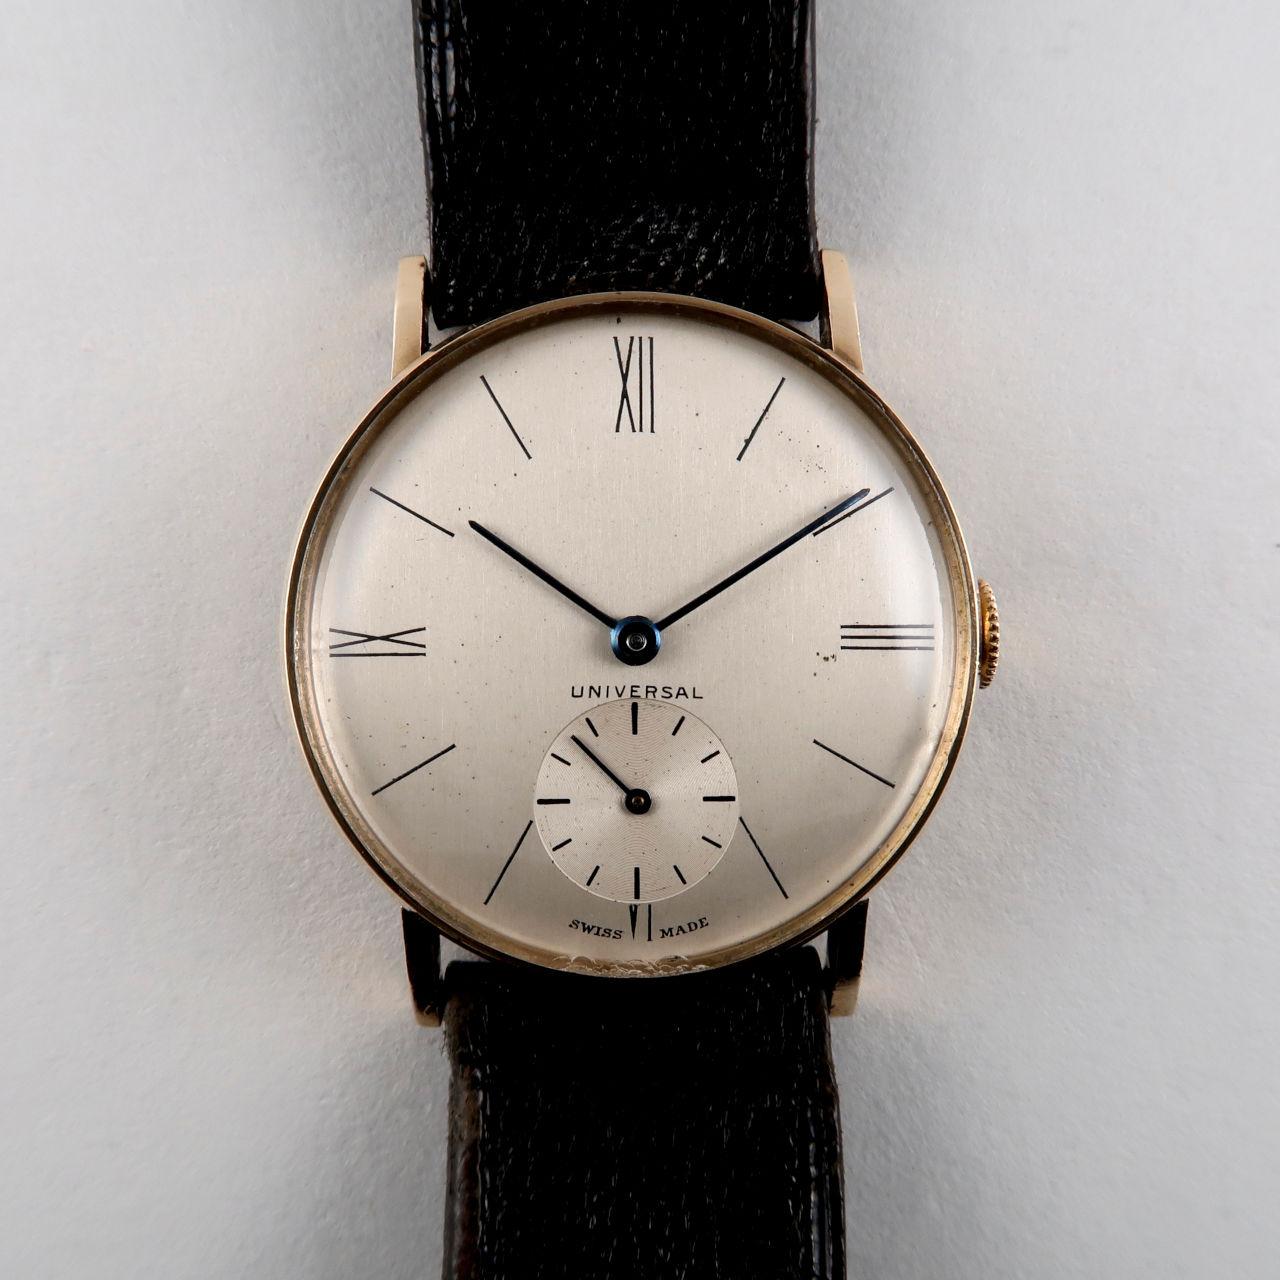 universal-geneve-5590-1938-wyug-b1